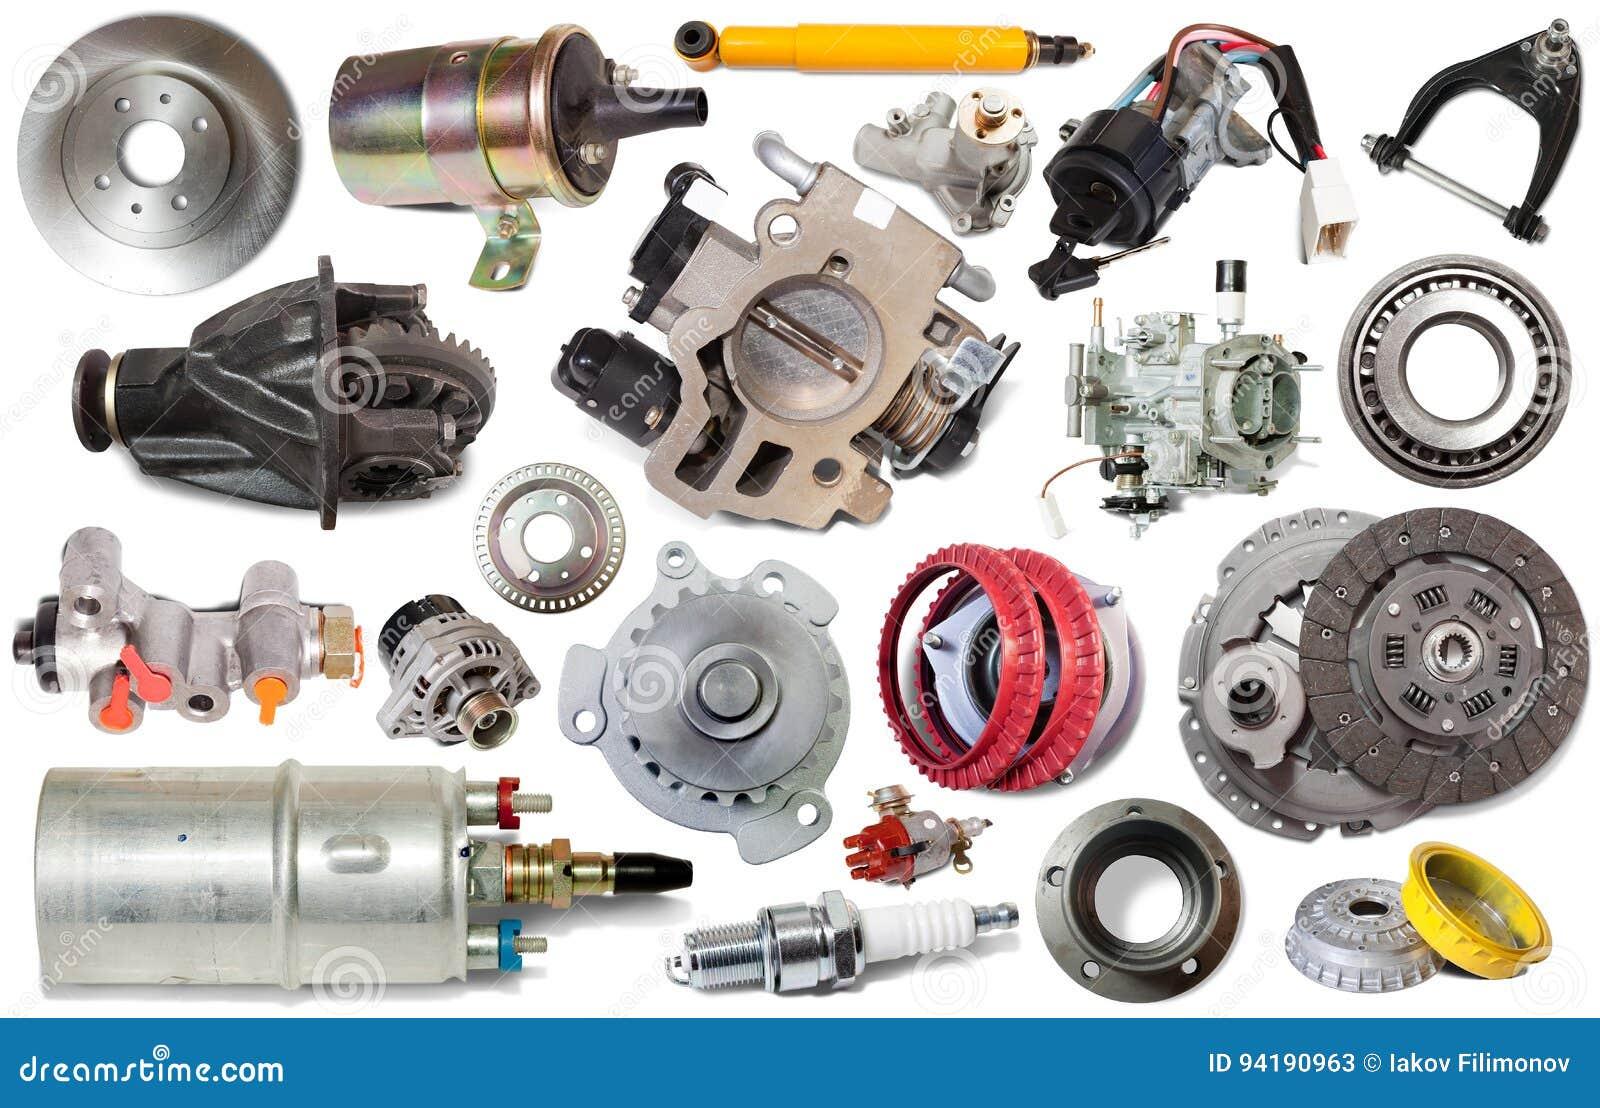 Parti Di Riparazione Dell Automobile Isolate Immagine Stock Immagine Di Background Manutenzione 94190963